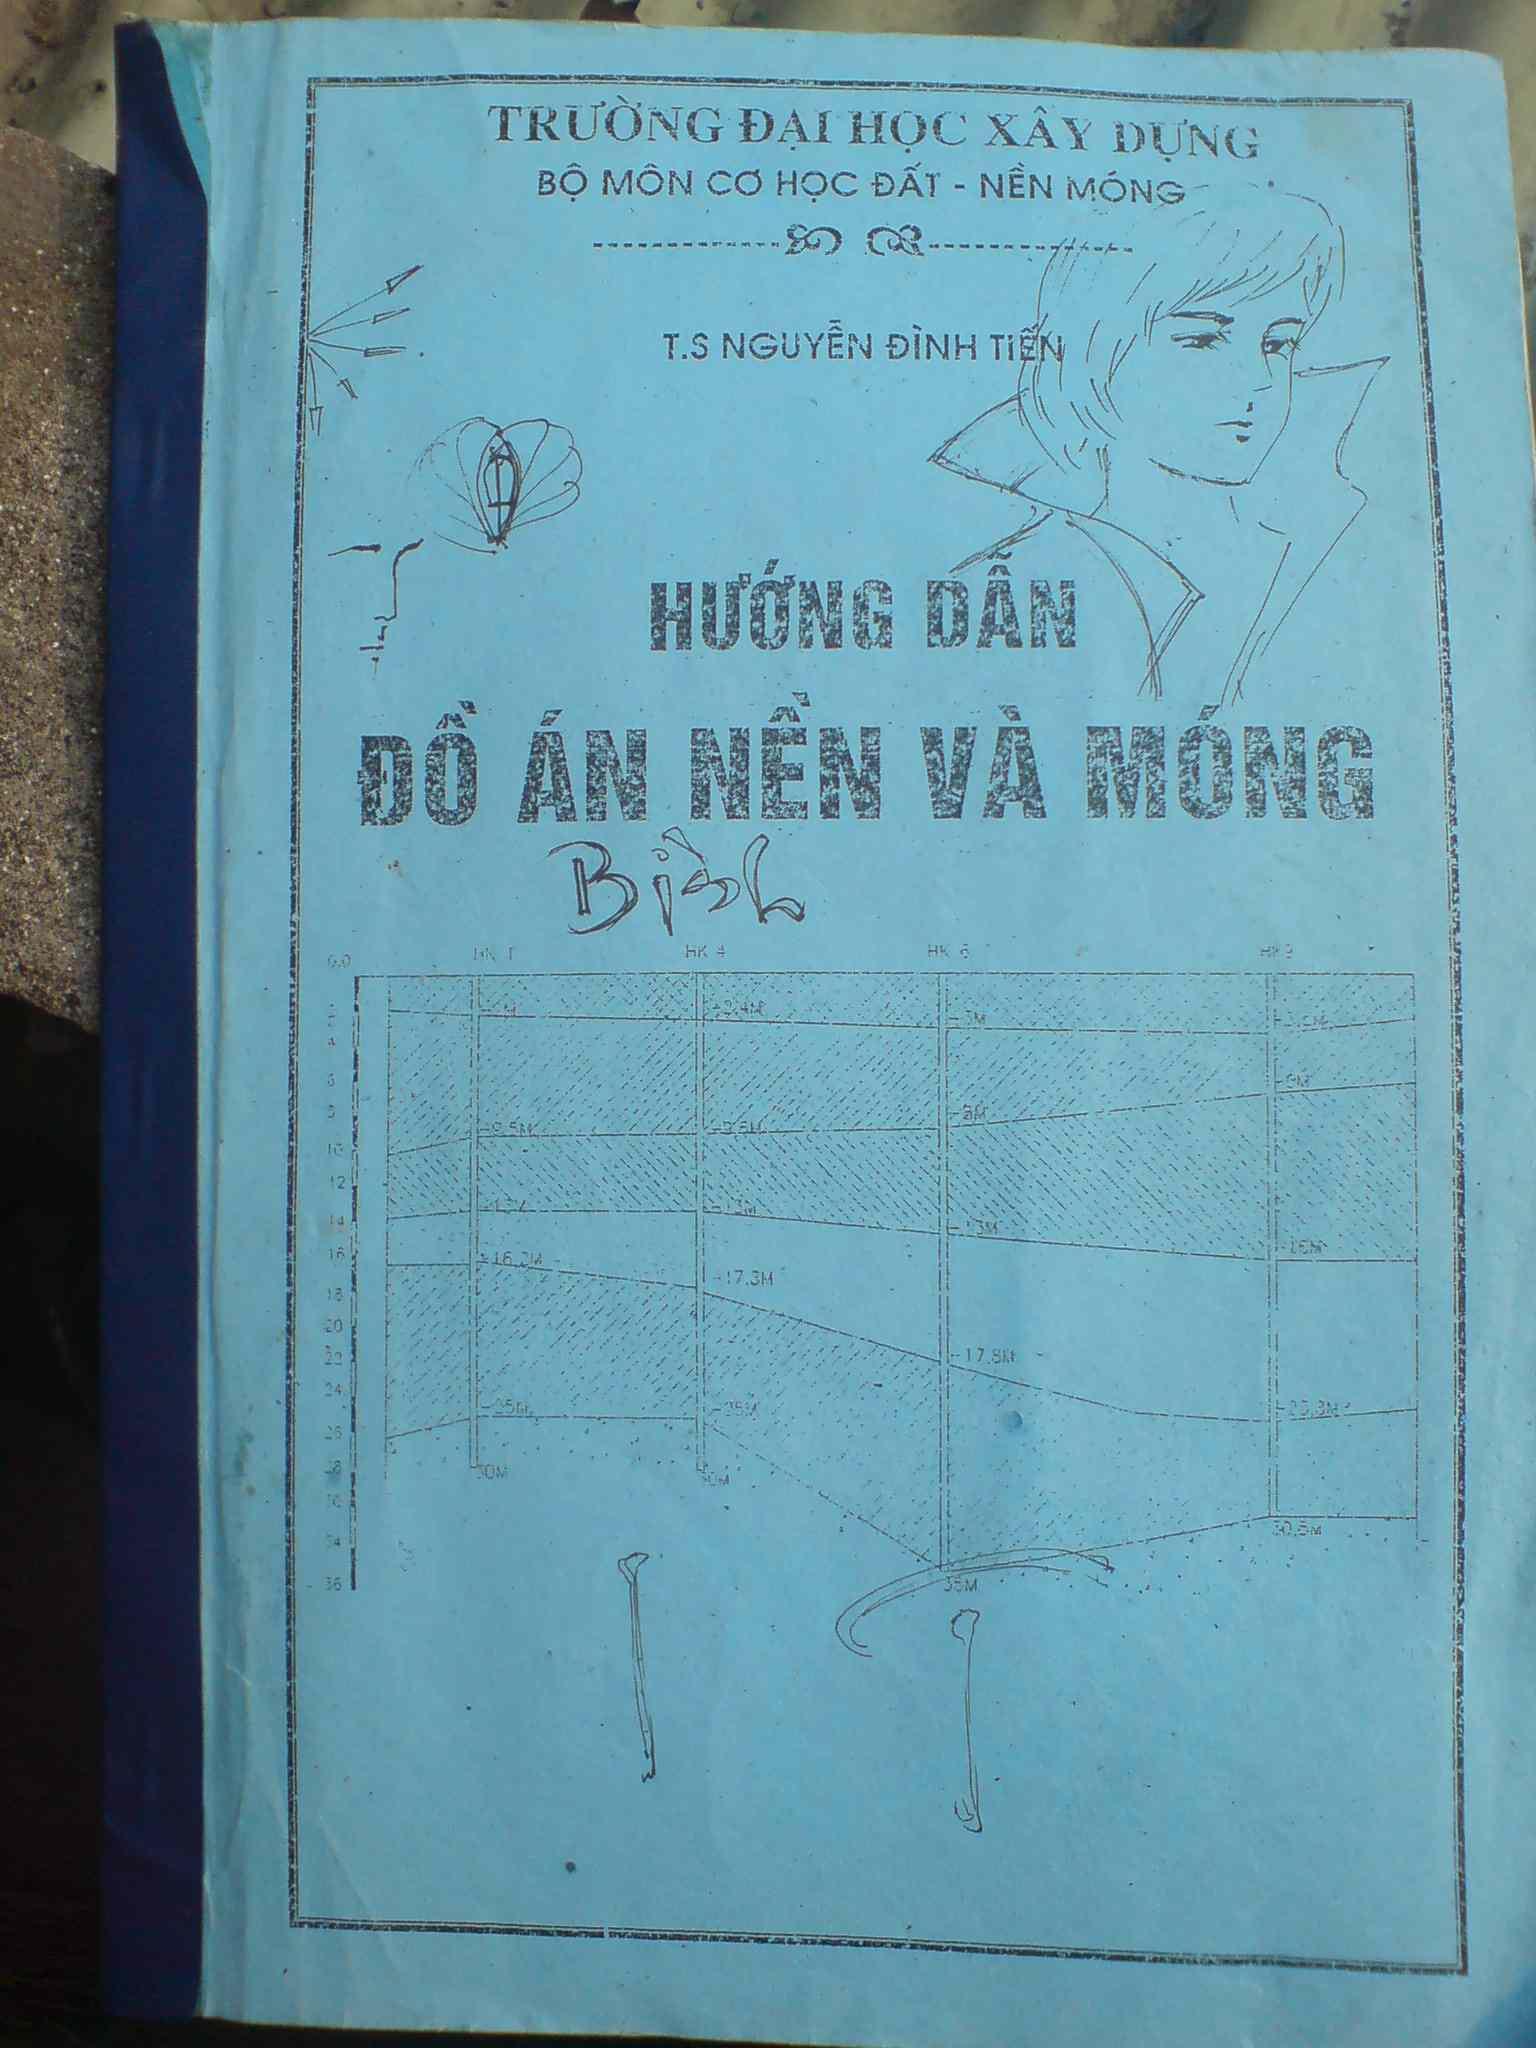 Hướng dẫn đồ án nền móng - Nguyễn Đình Tiến